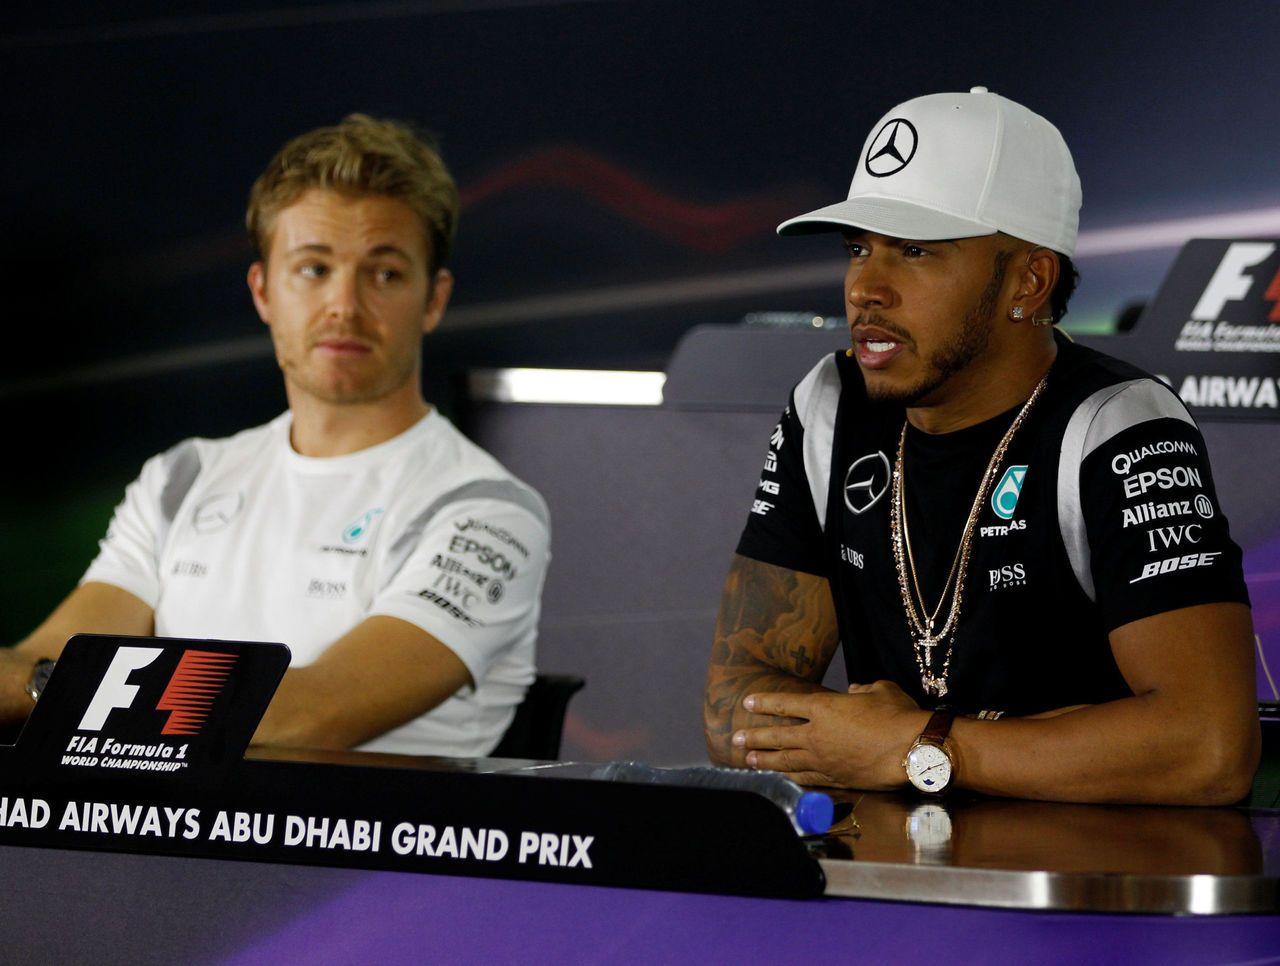 Hamilton e Rosberg, durante la conferenza stampa pre GP di Abu Dhabi 2016 (foto da: sportal.co.in)